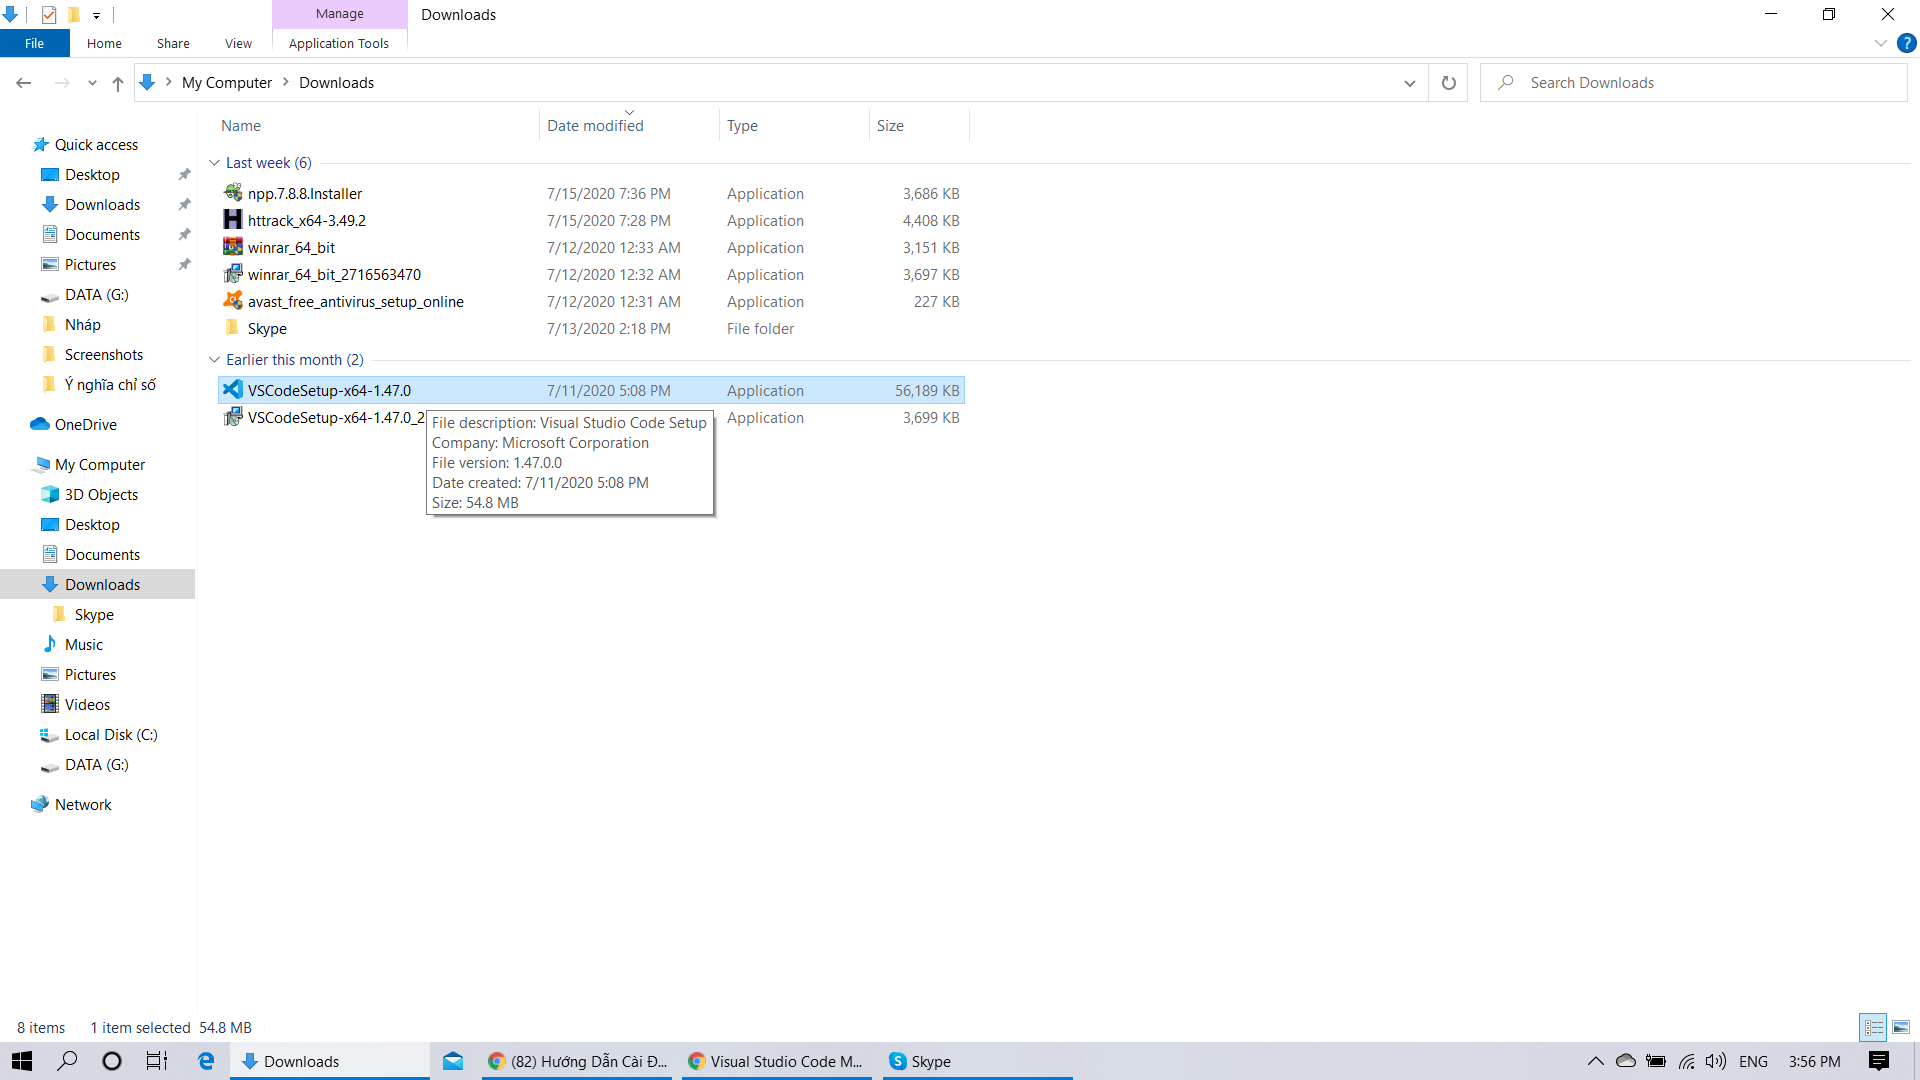 Chạy file VSCodeSetup 1.47.0